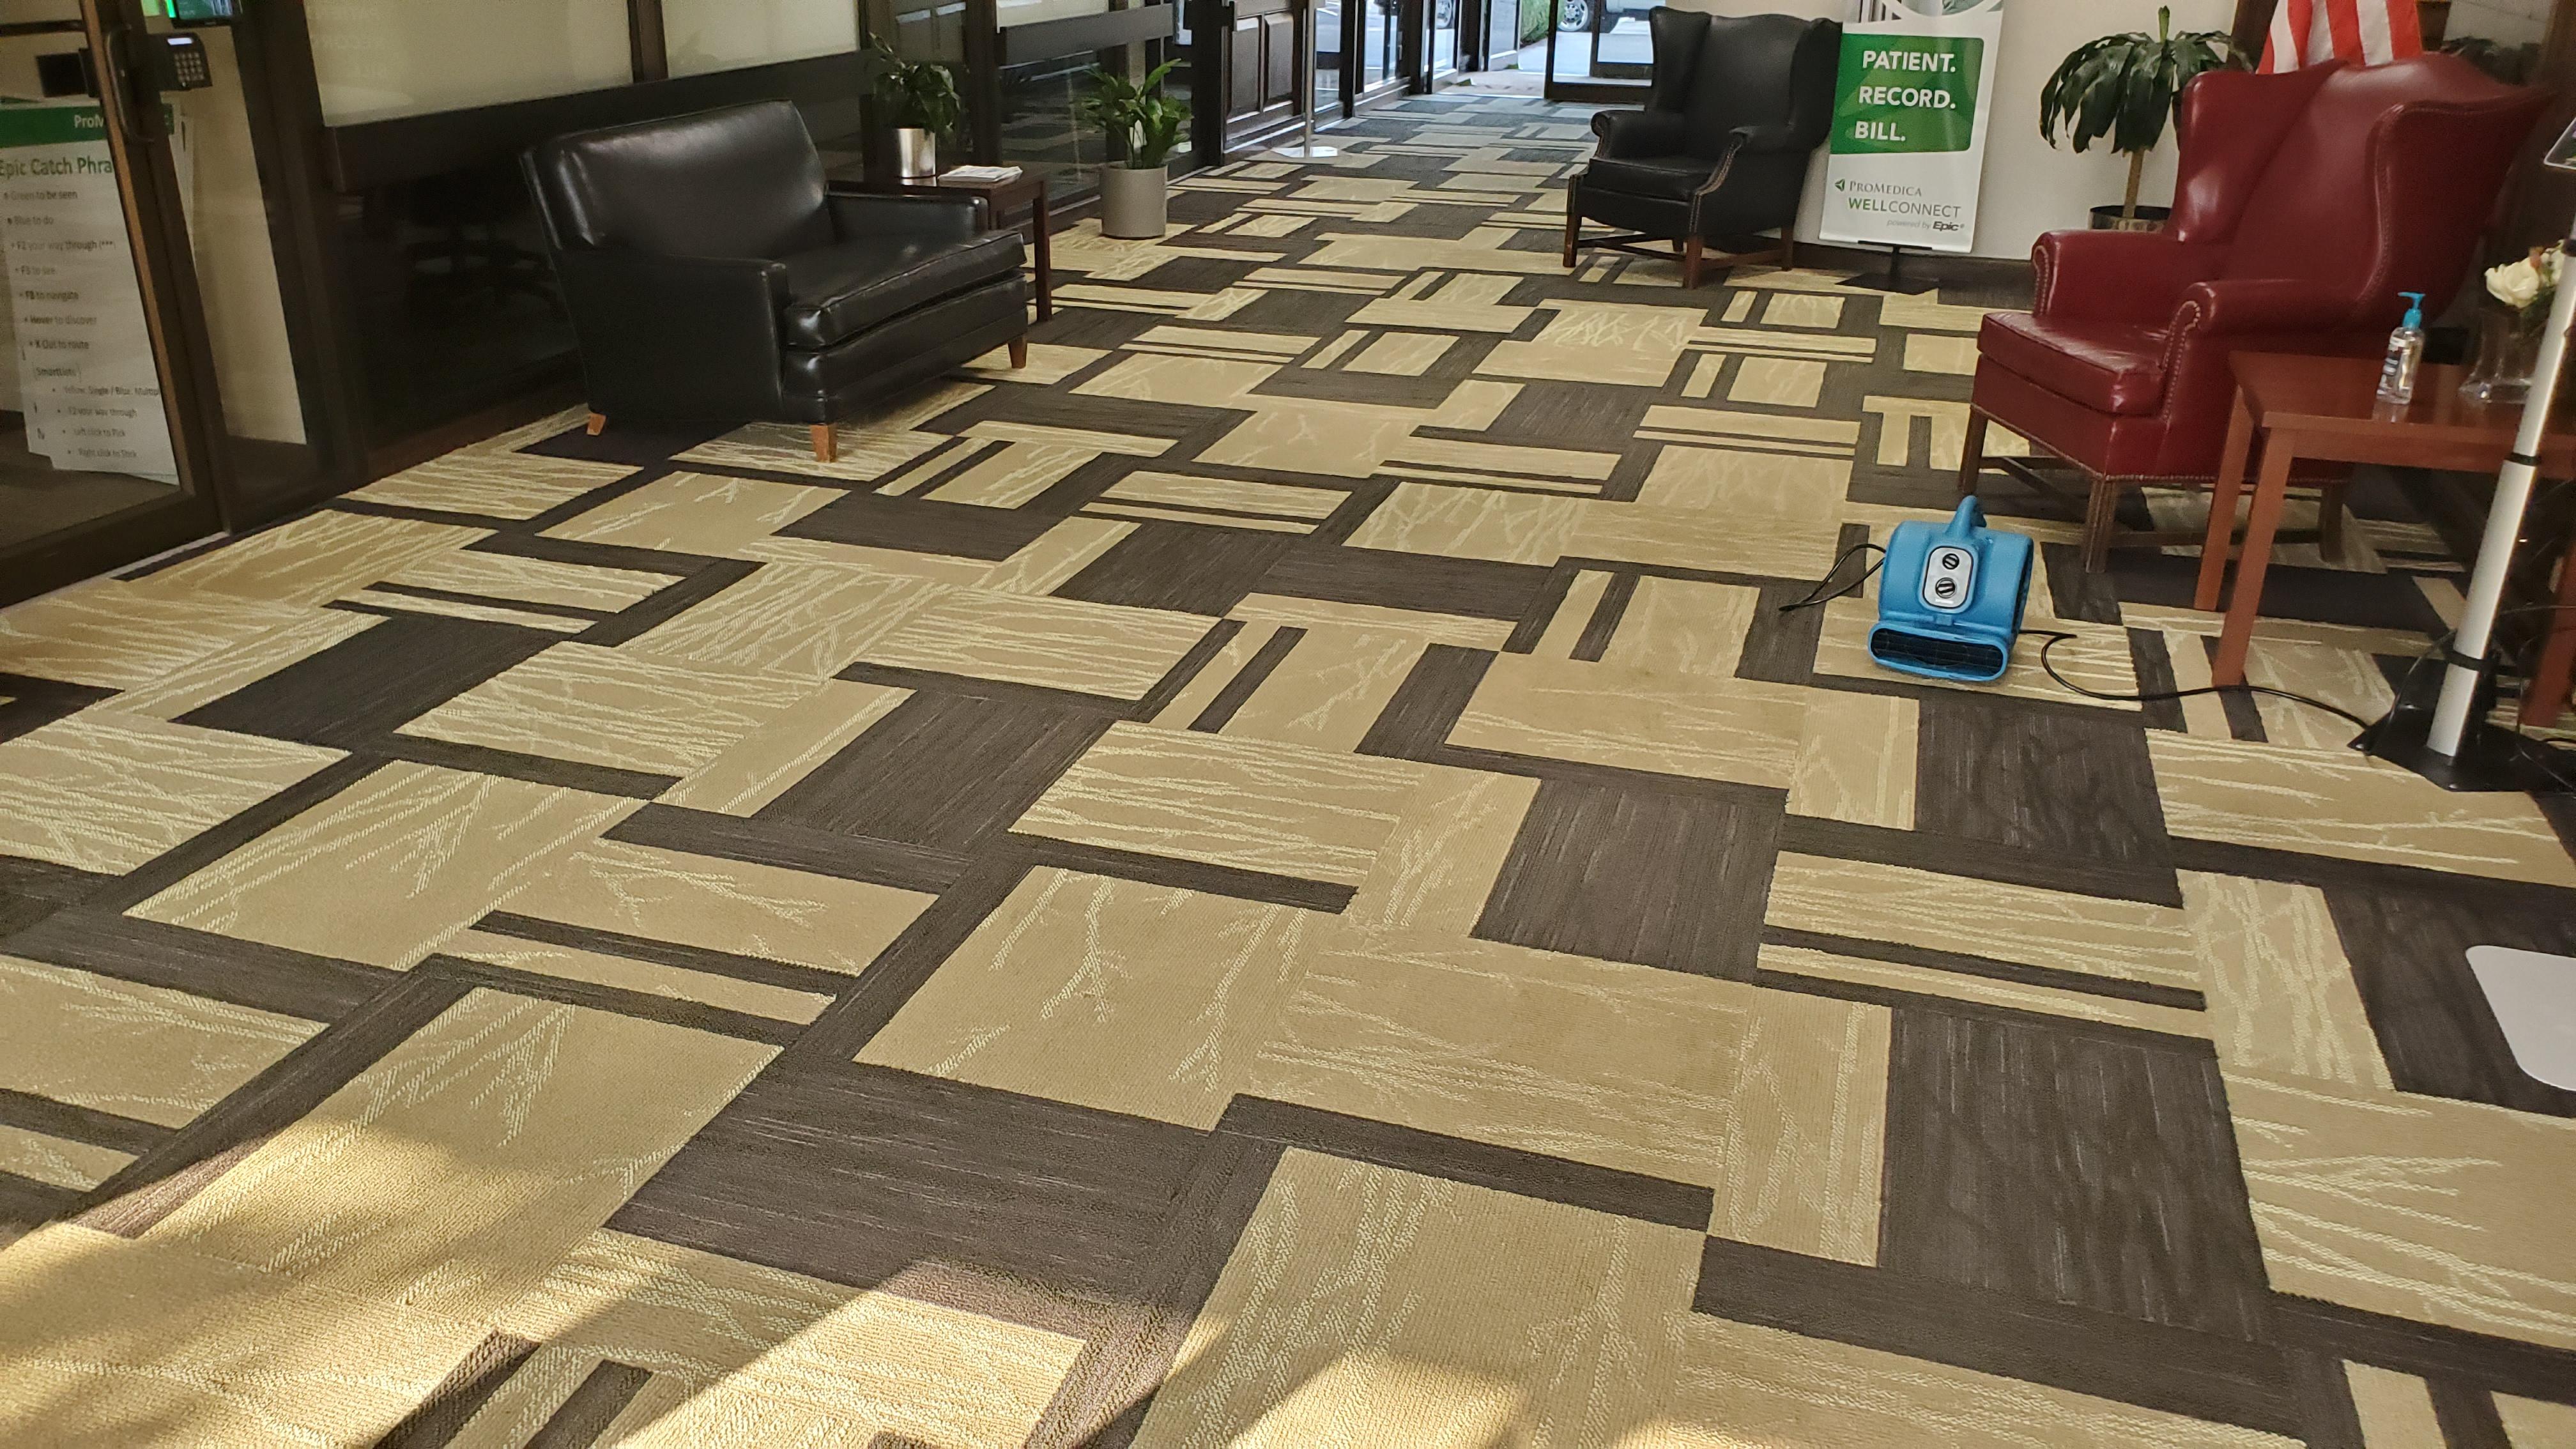 Lobby Carpet